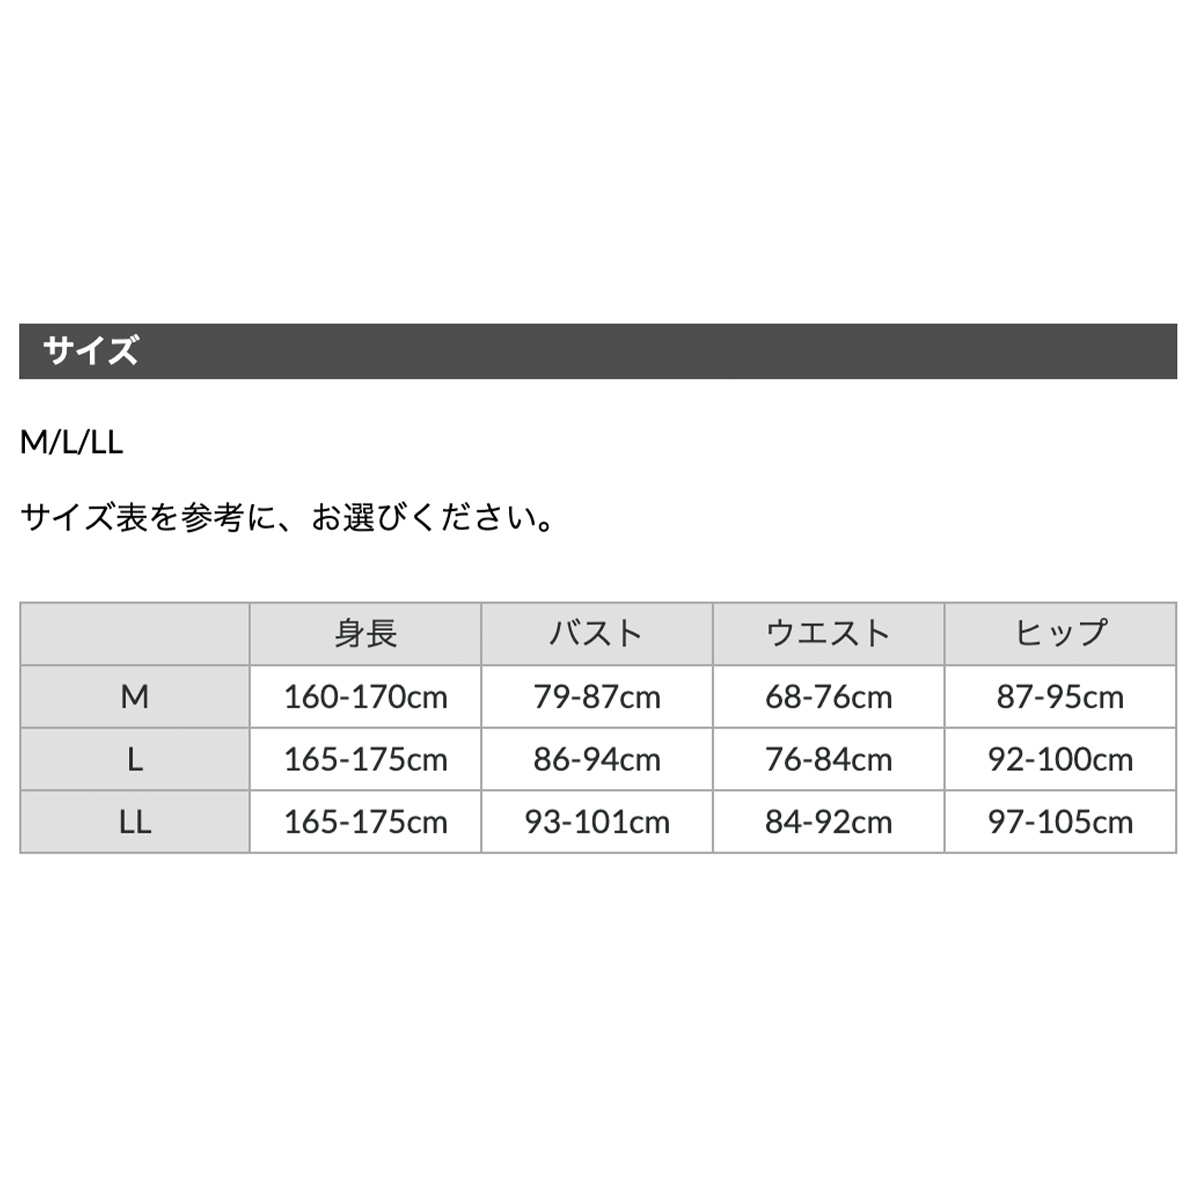 【ユニラーレ】 補正ショーツ | #UNILALE #日本製  #ショーツ #補正インナー #レース #麻倉ケイト #トランスジェンダー 下着